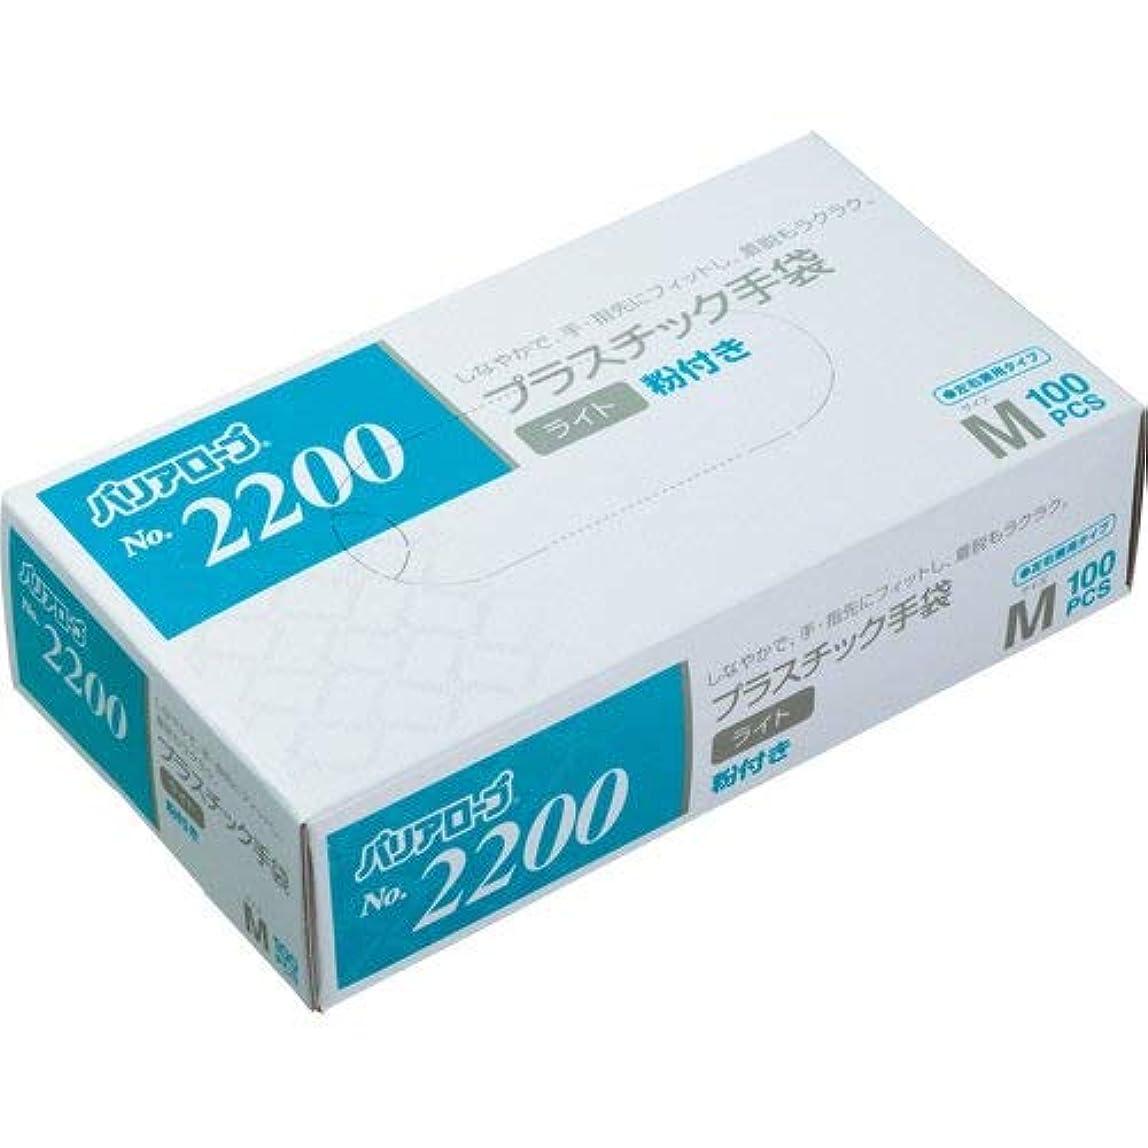 マイクロフォンホーム曲げる【ケース販売】 バリアローブ №2200 プラスチック手袋 ライト (粉付き) M 2000枚(100枚×20箱)